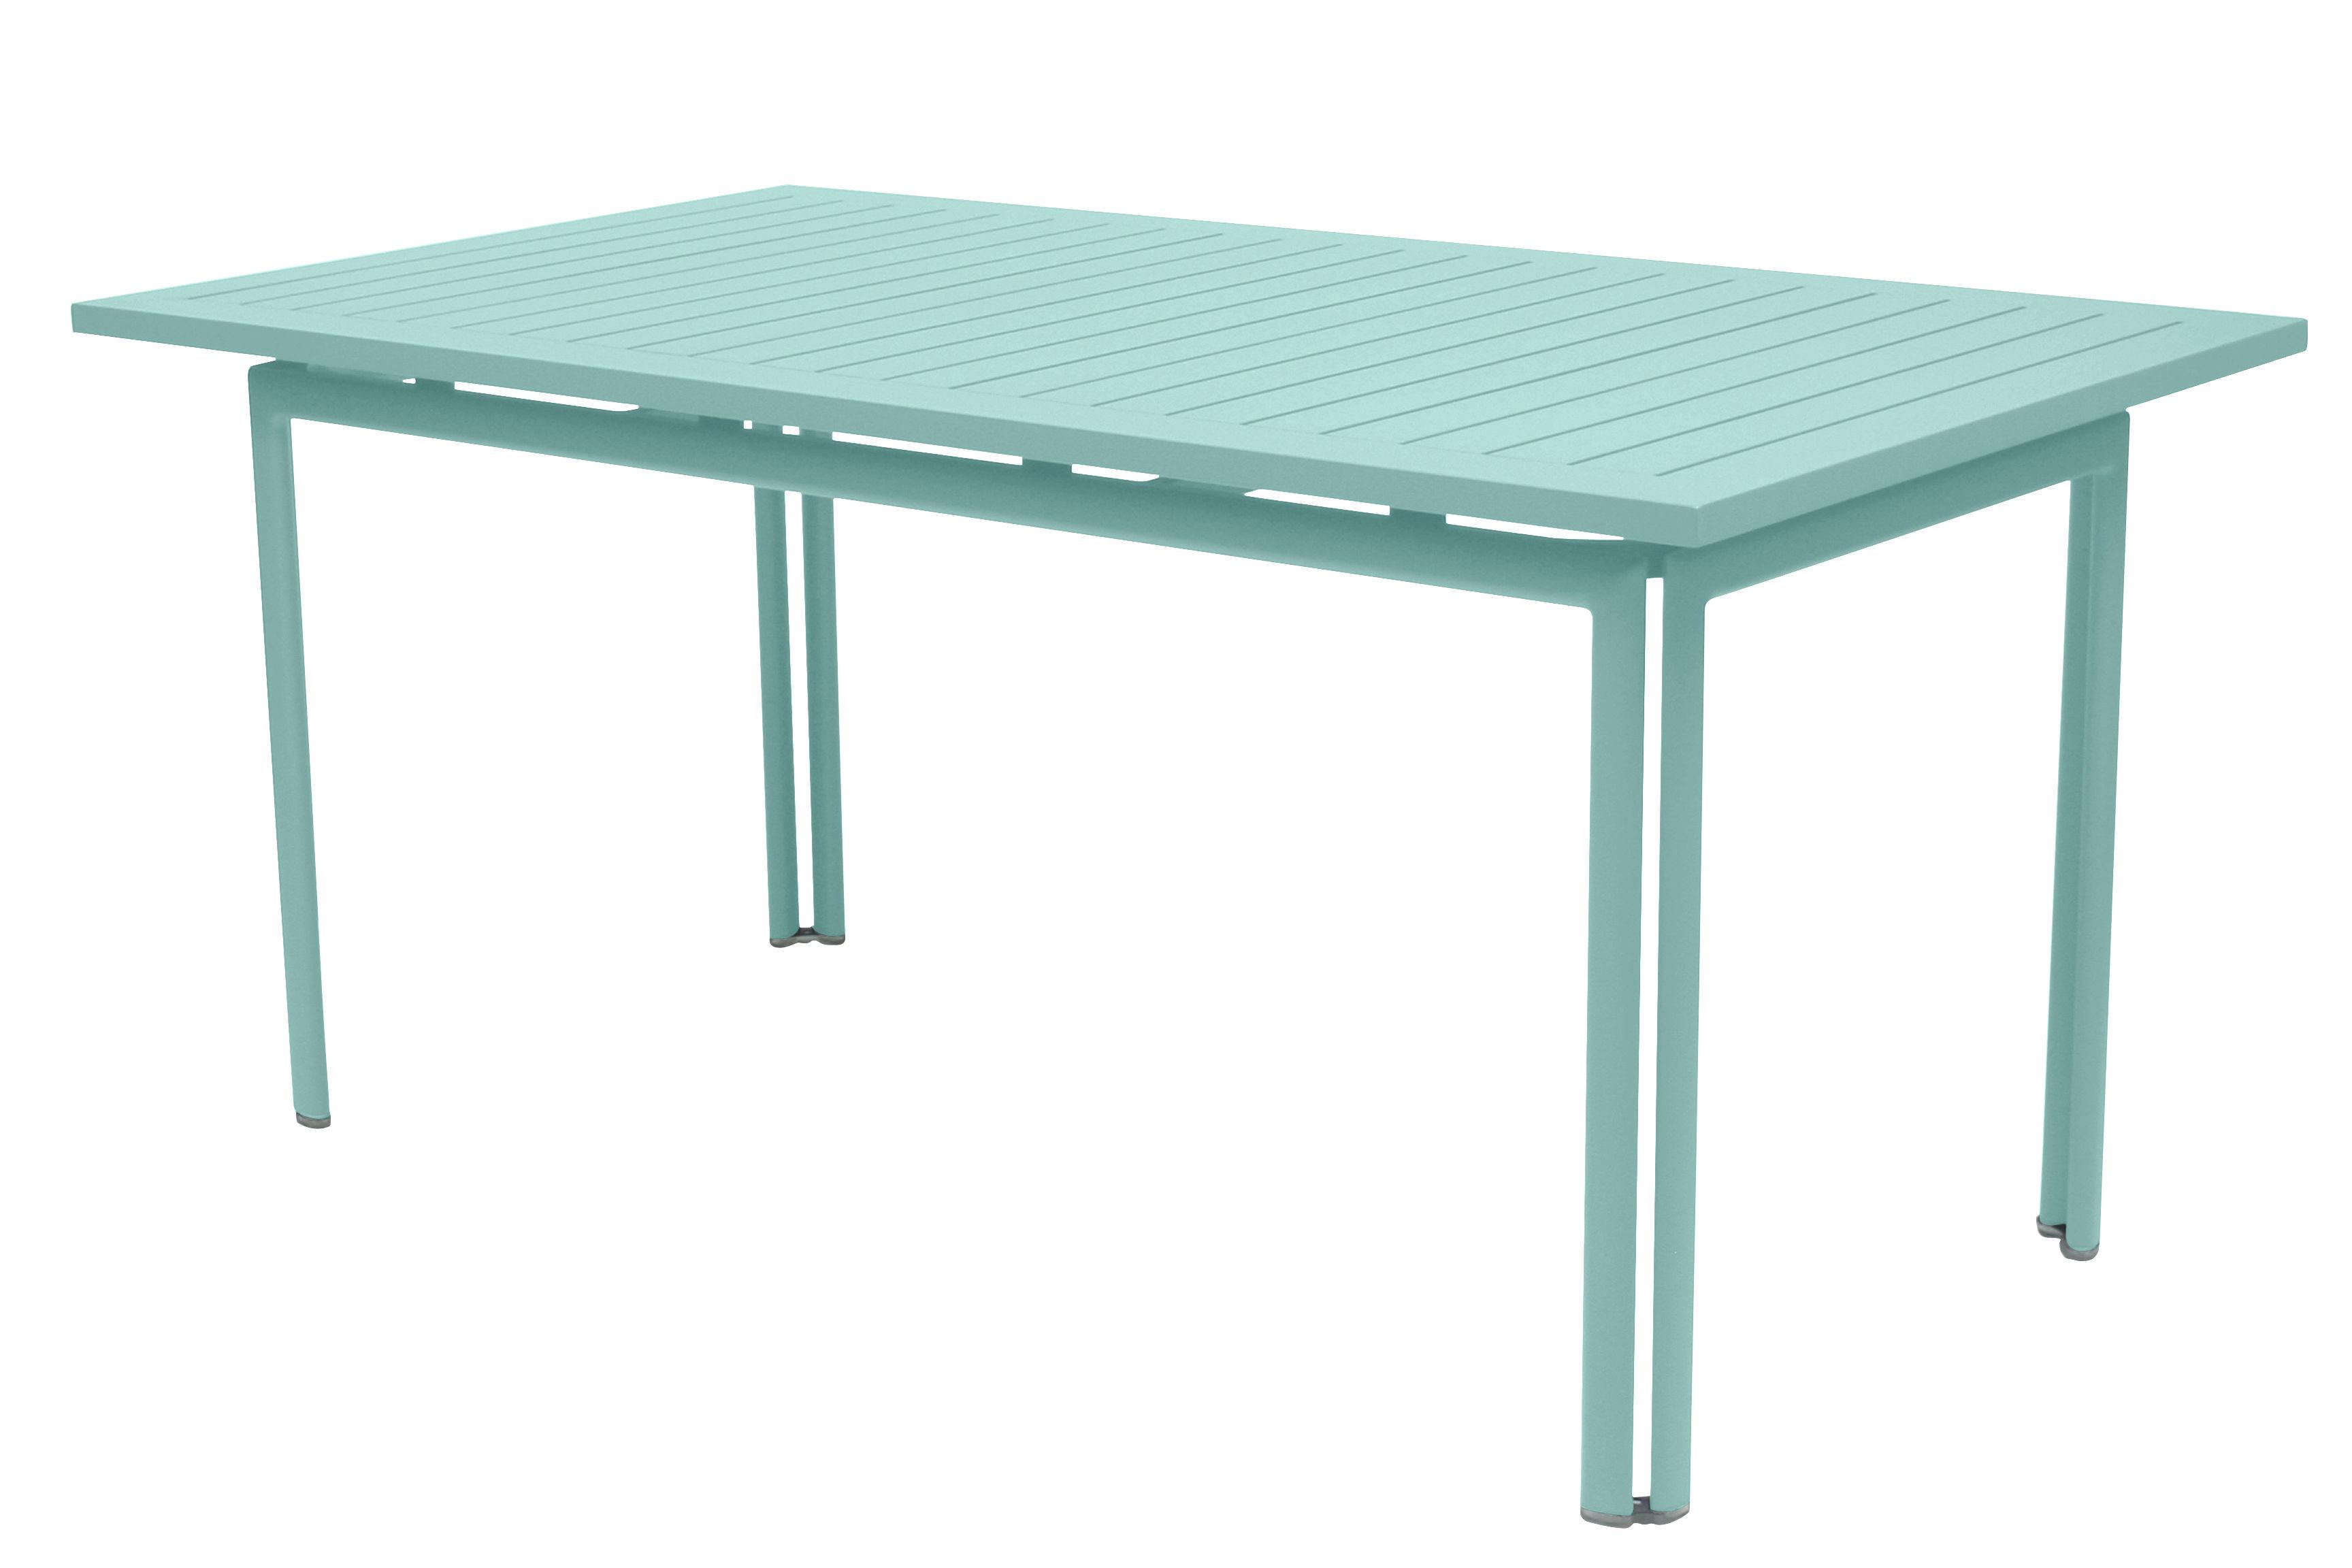 Scopri tavolo con prolunga costa l 160 a 240 cm da 6 for Tavolo 10 persone